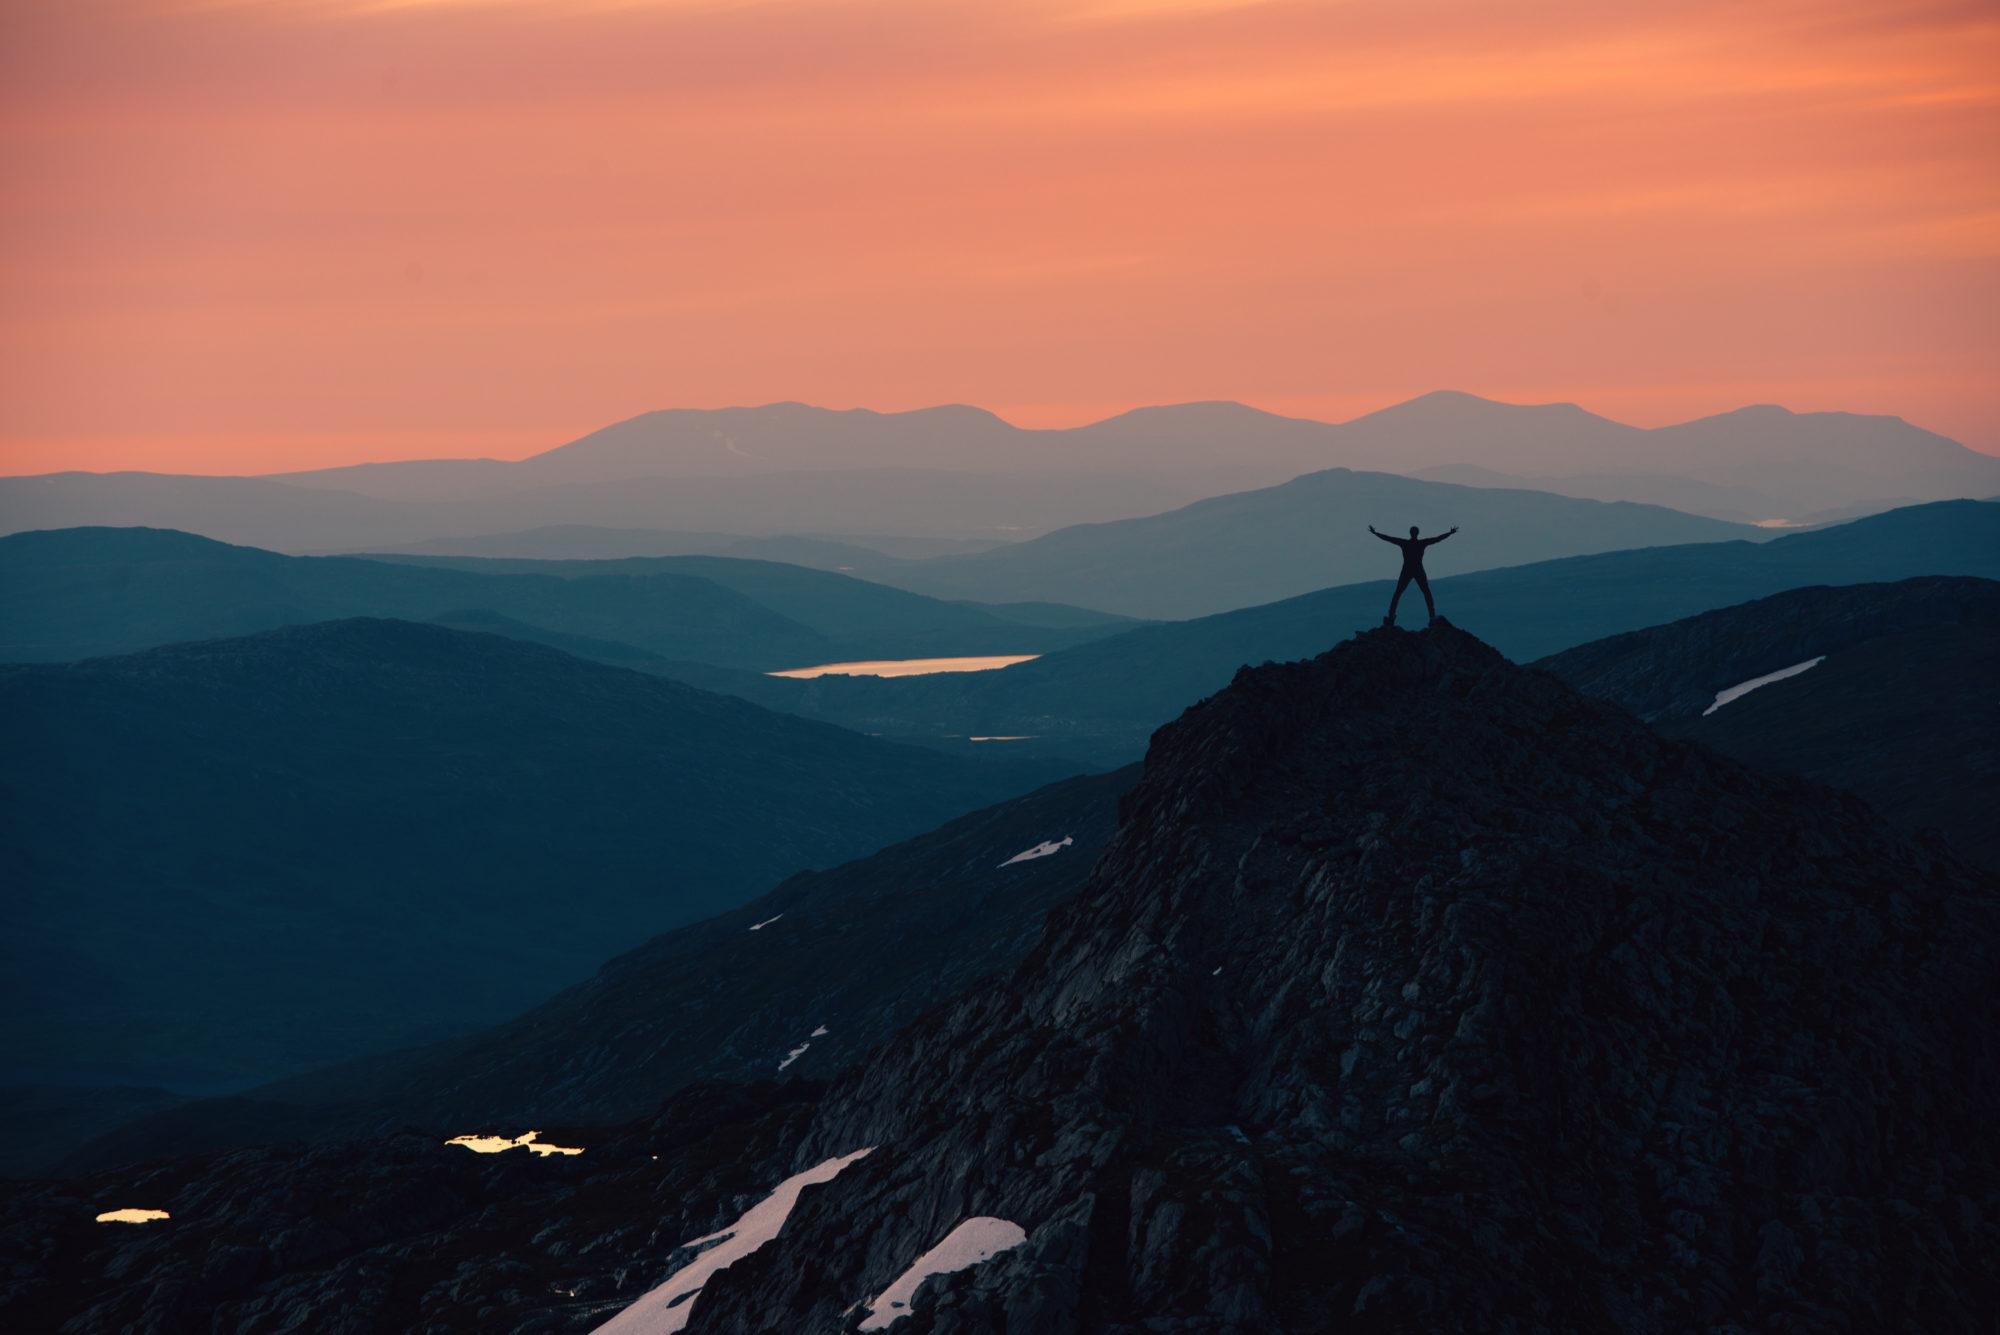 Photo: Berartwood /trodelag.com